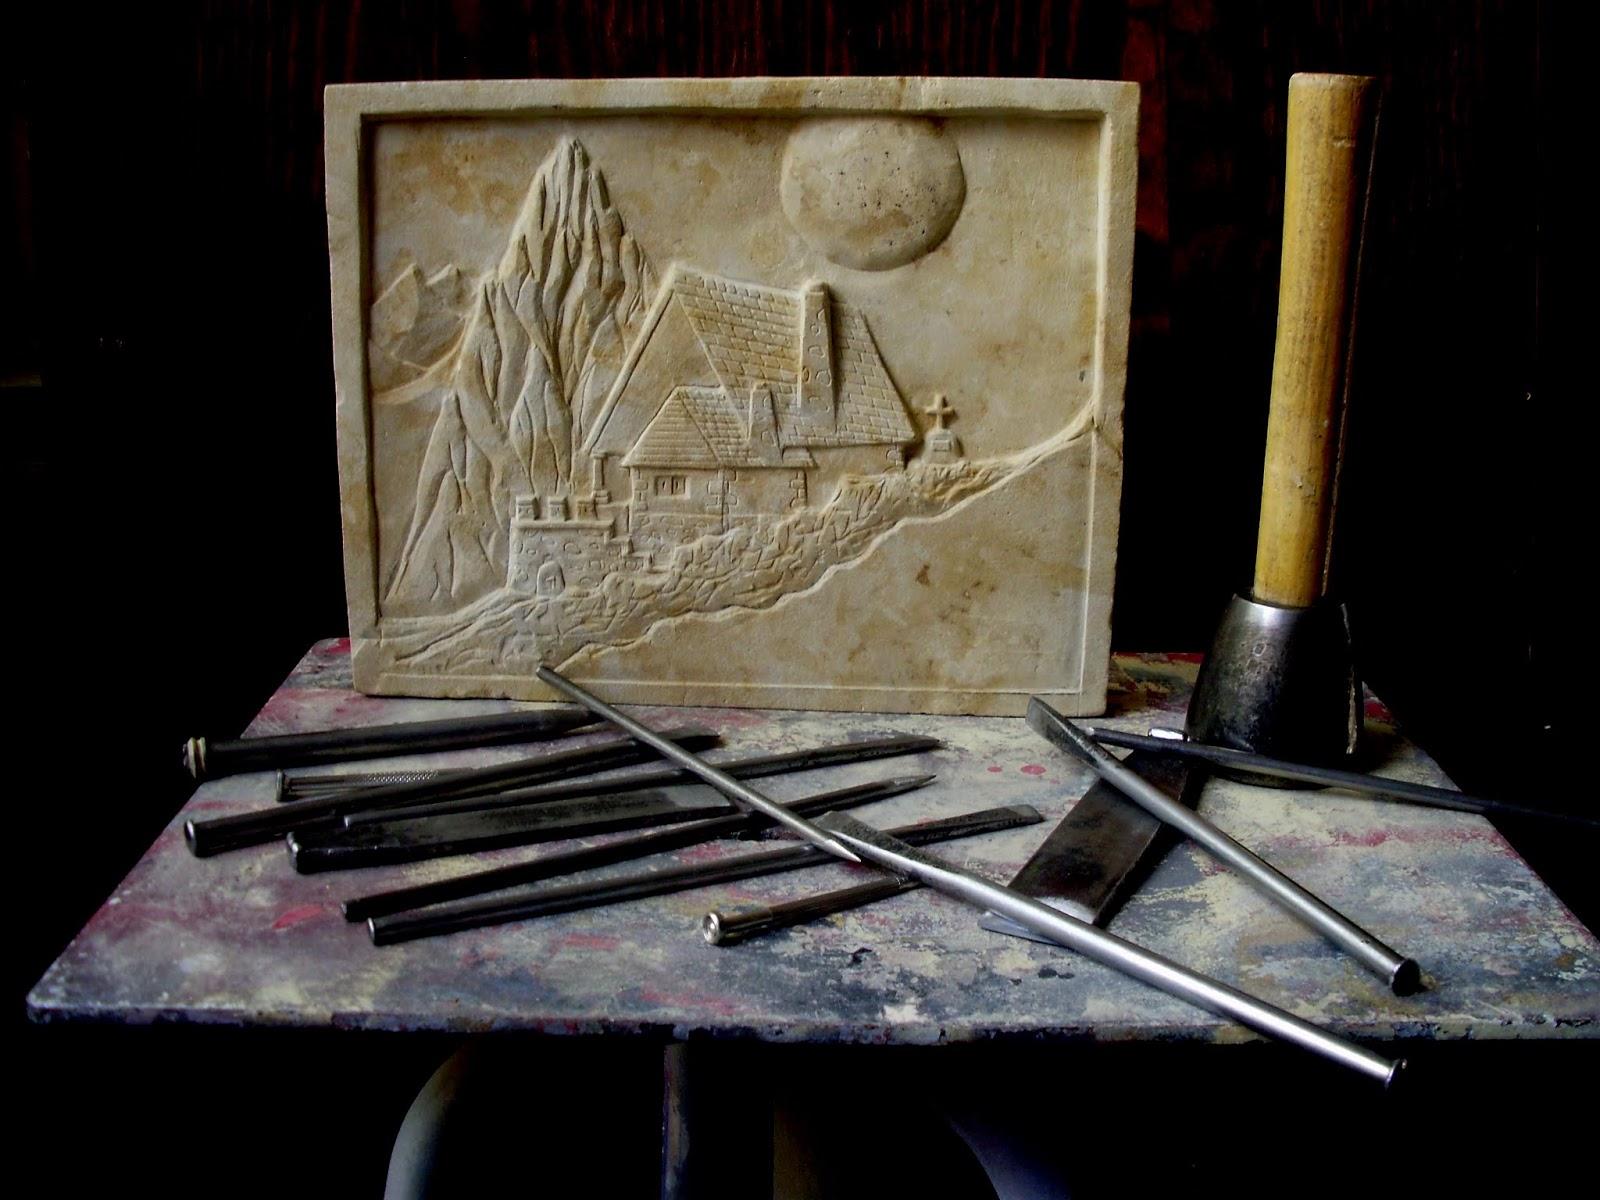 Manj n arte herramientas de trabajo para piedra de villamayor - Herramientas para piedra ...